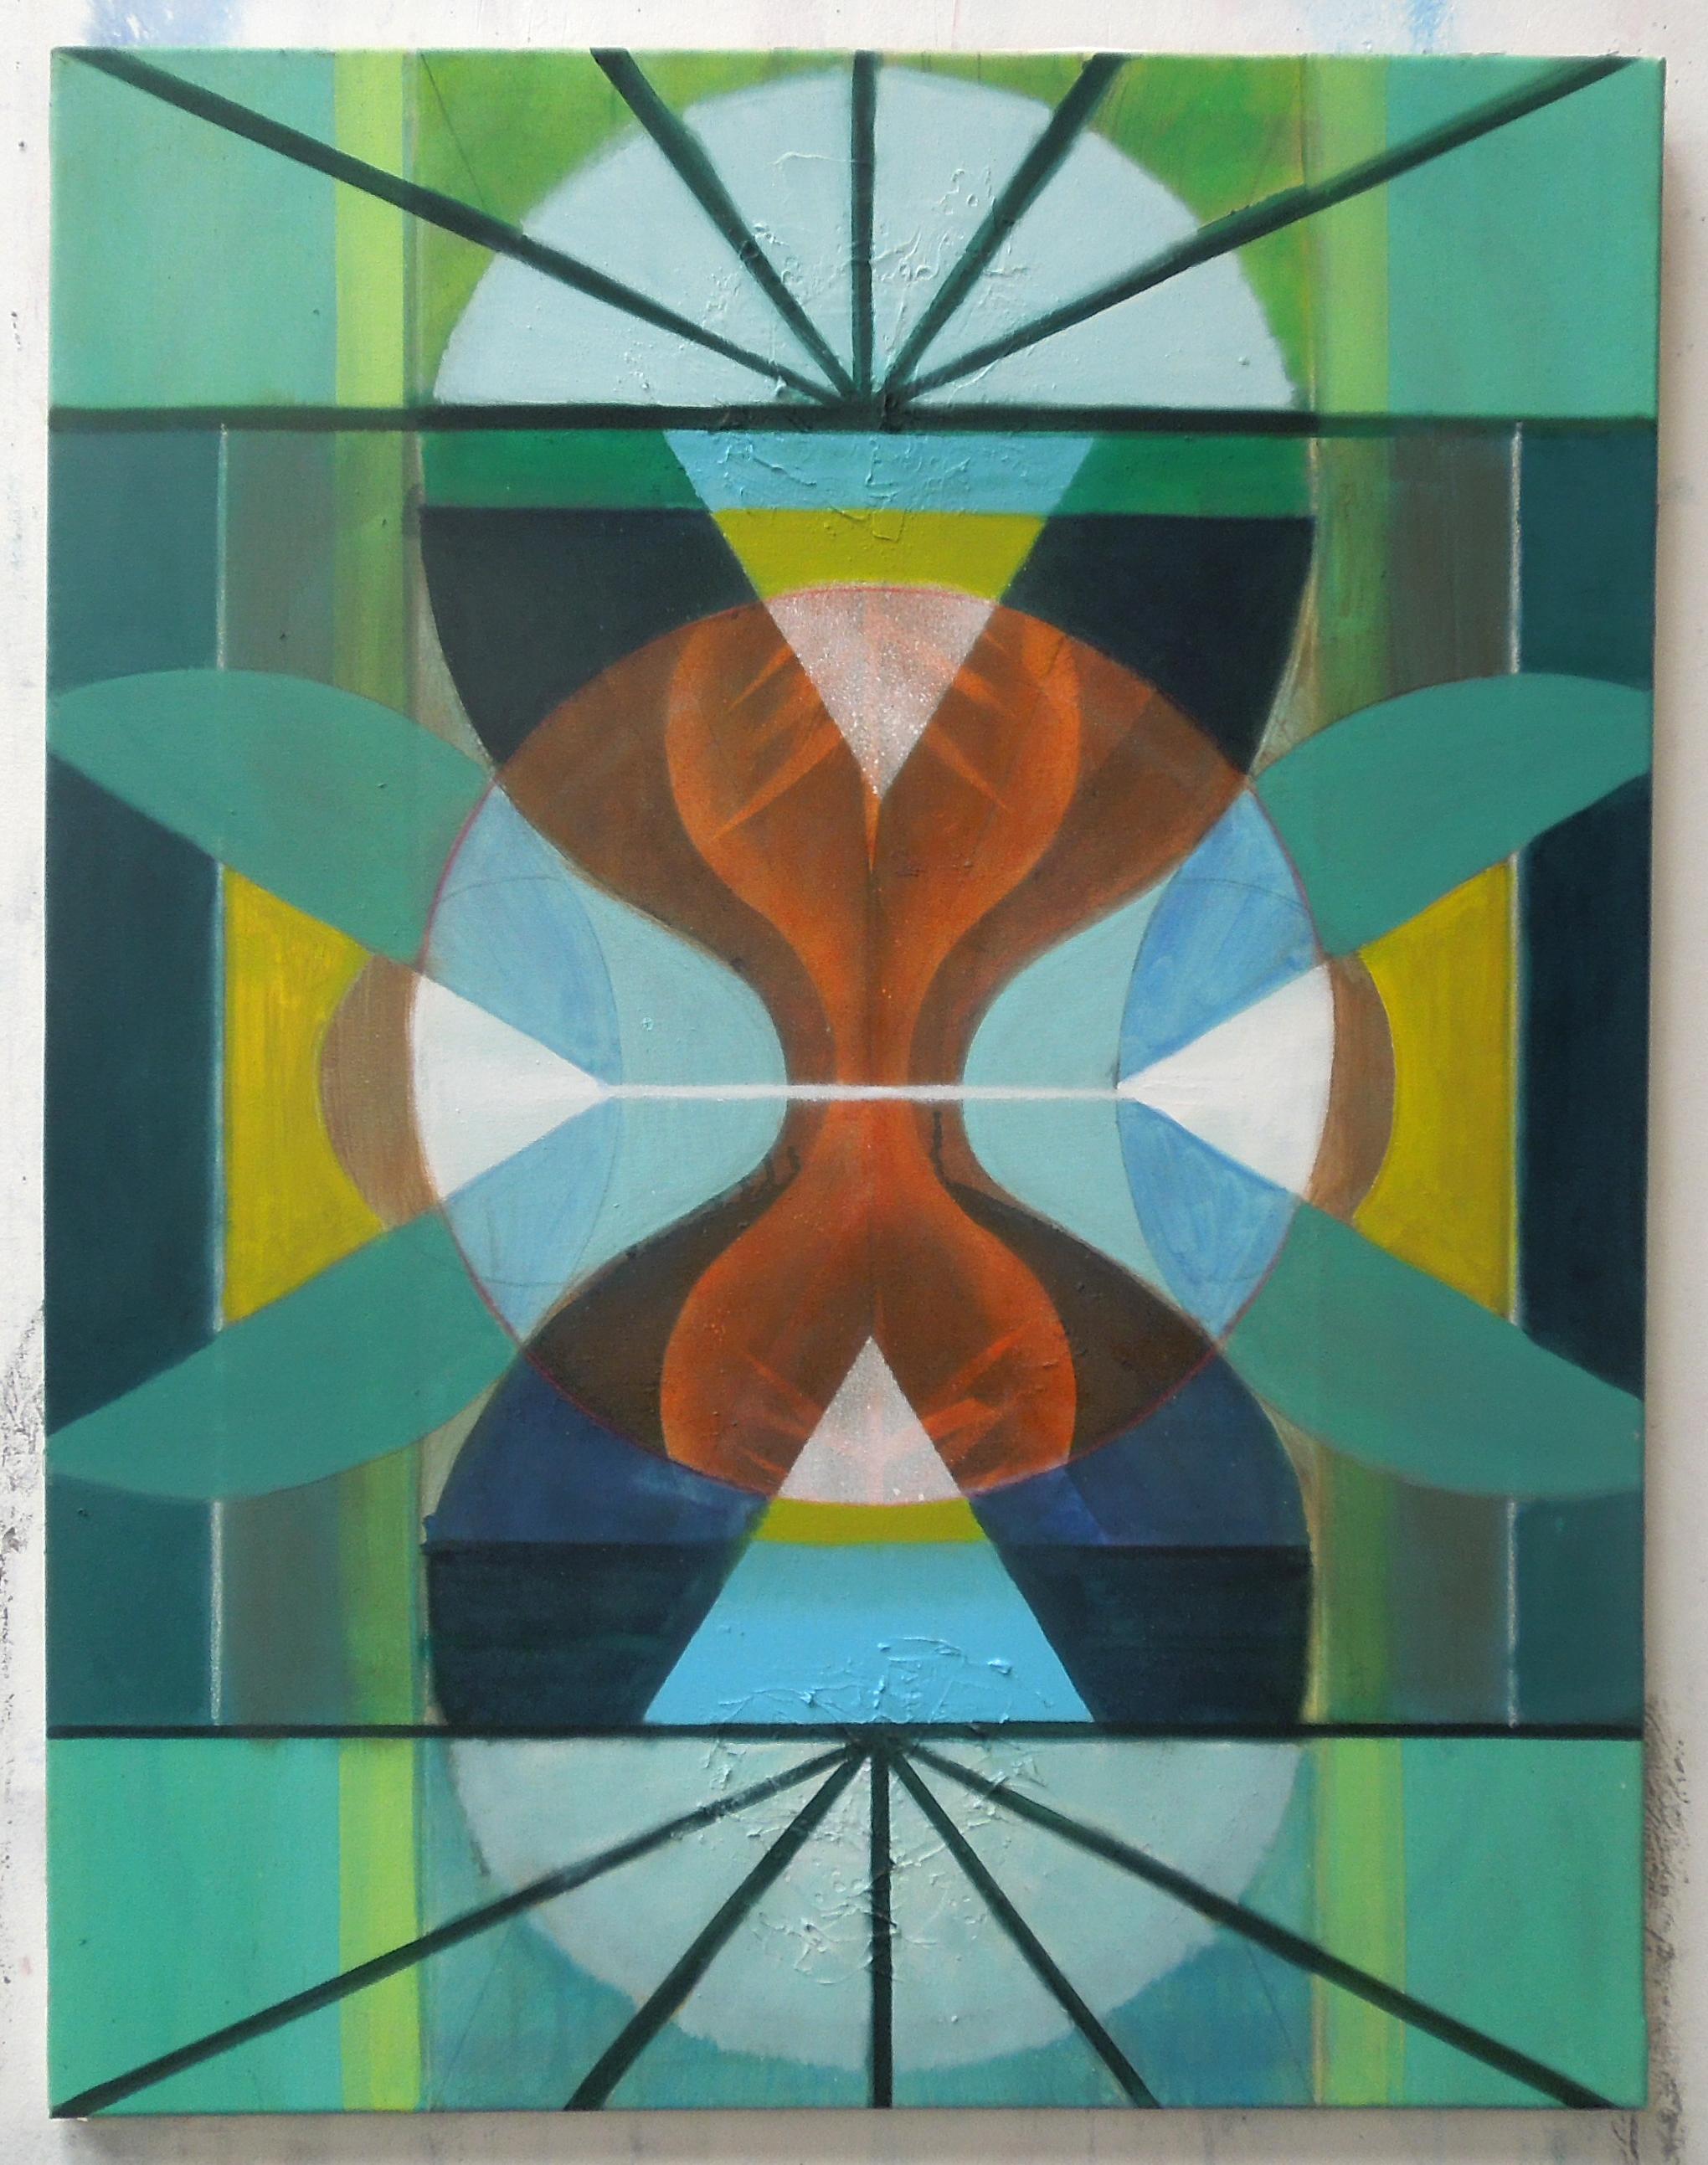 Abovebelow(hourglass#3)90x70cm